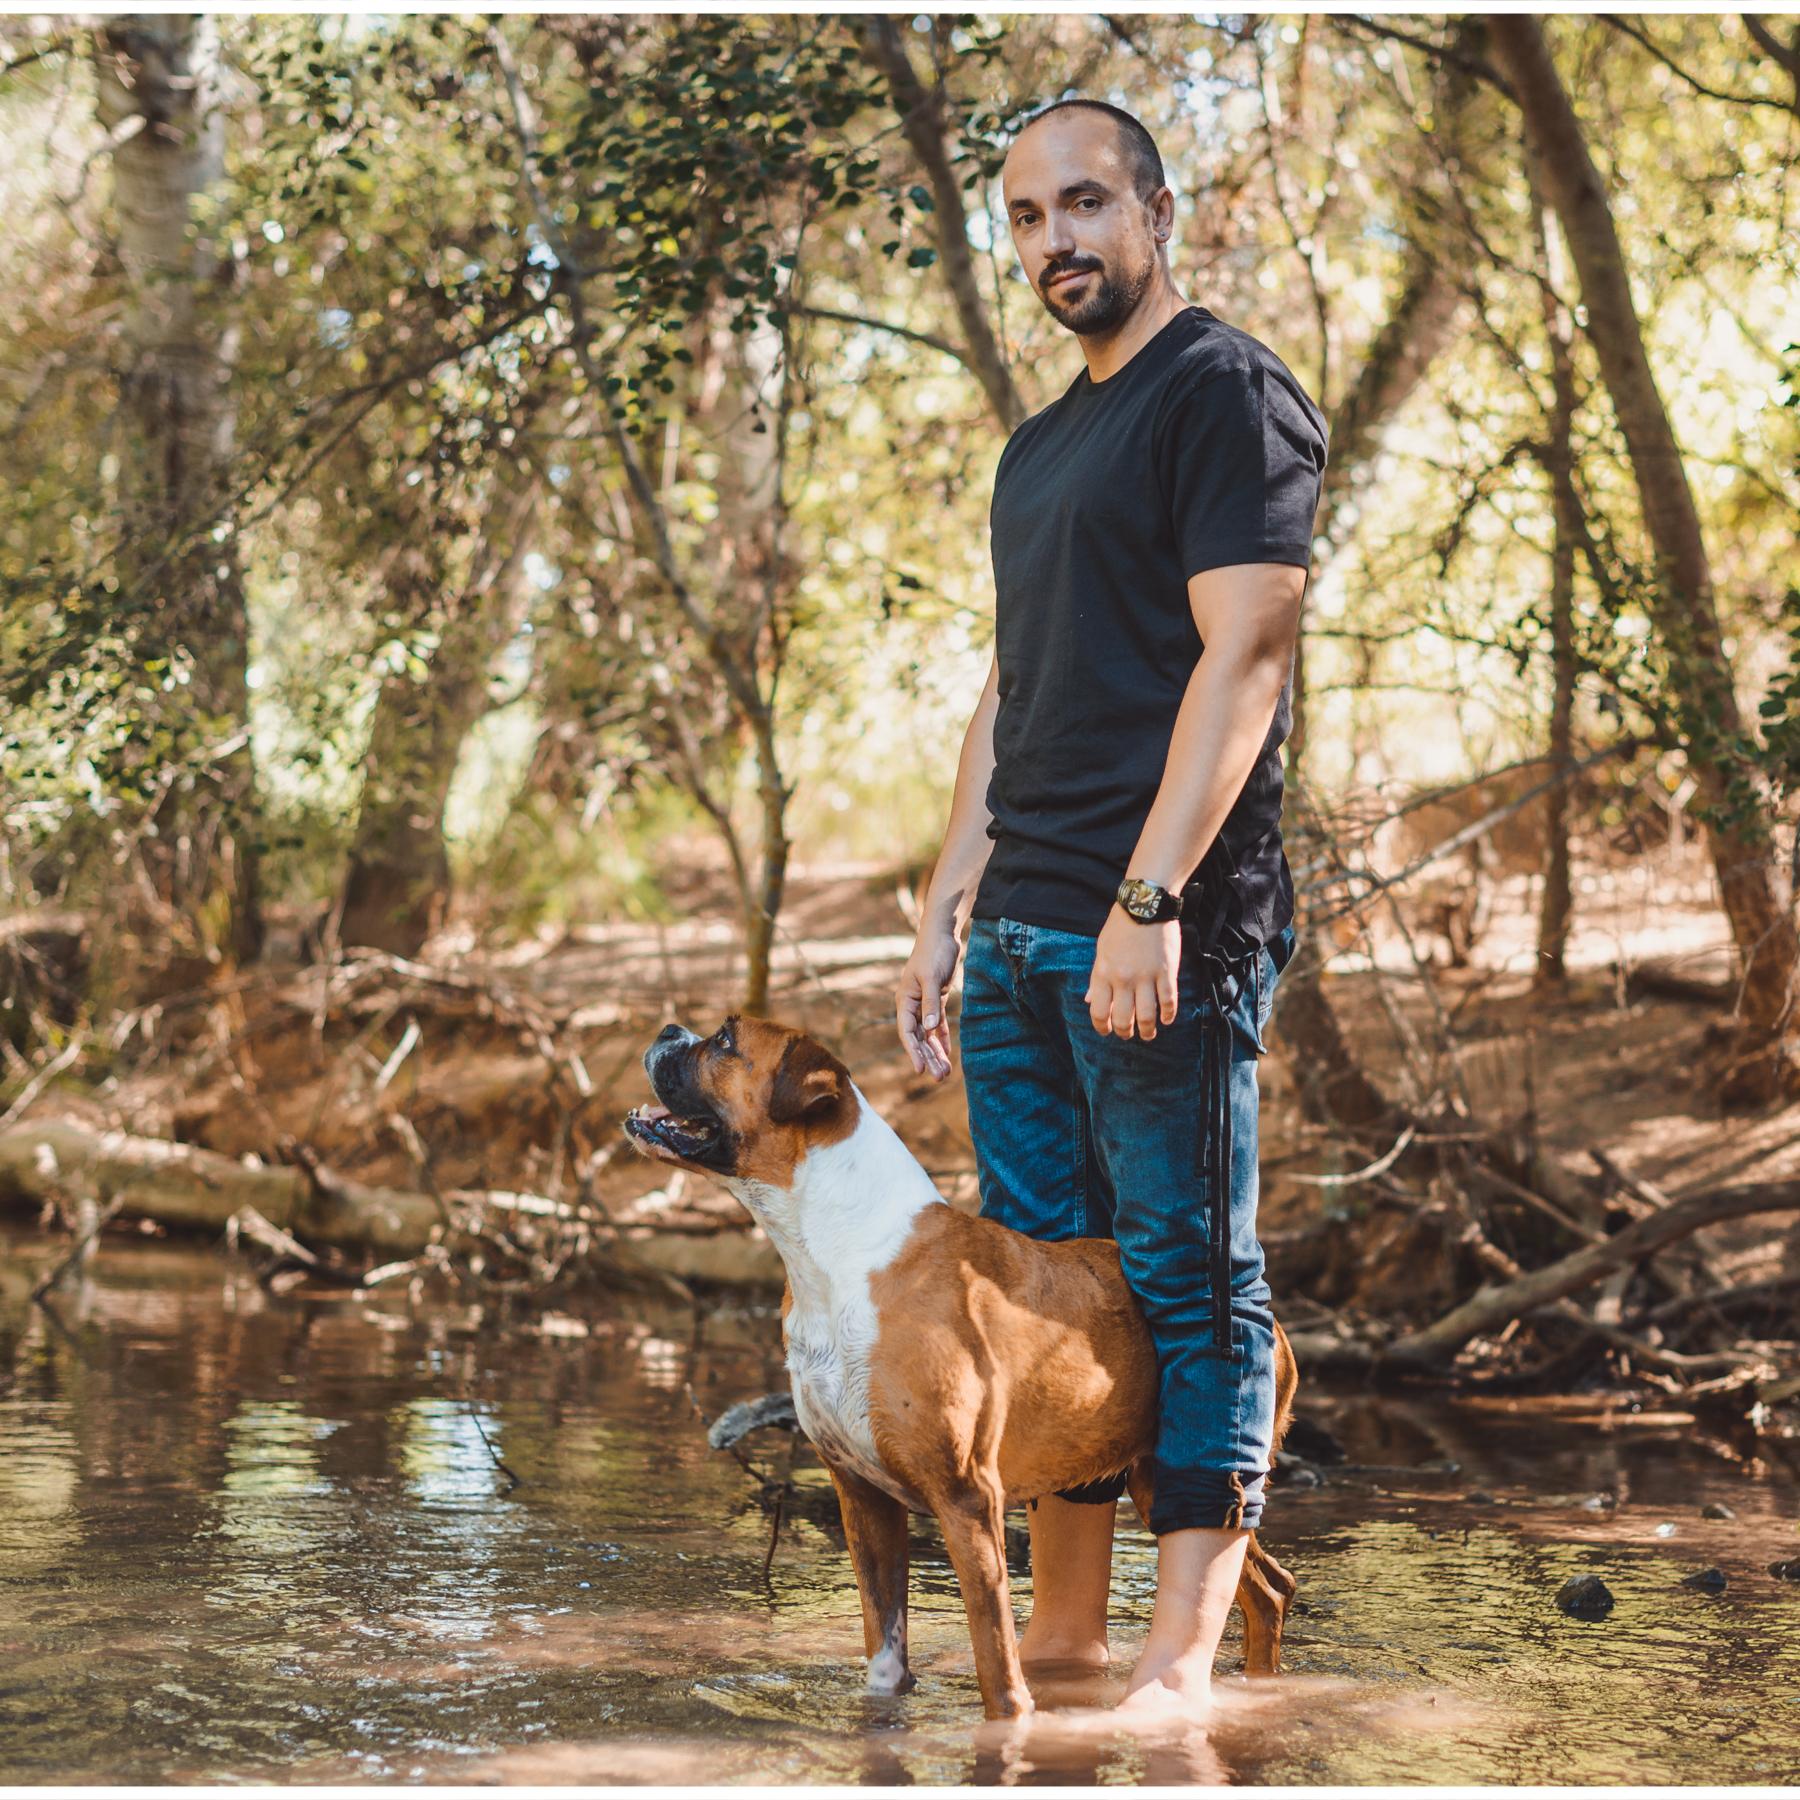 Nala-Retrato-Mascotas-Perros_Jose-Angel-Fotografia-342.jpg